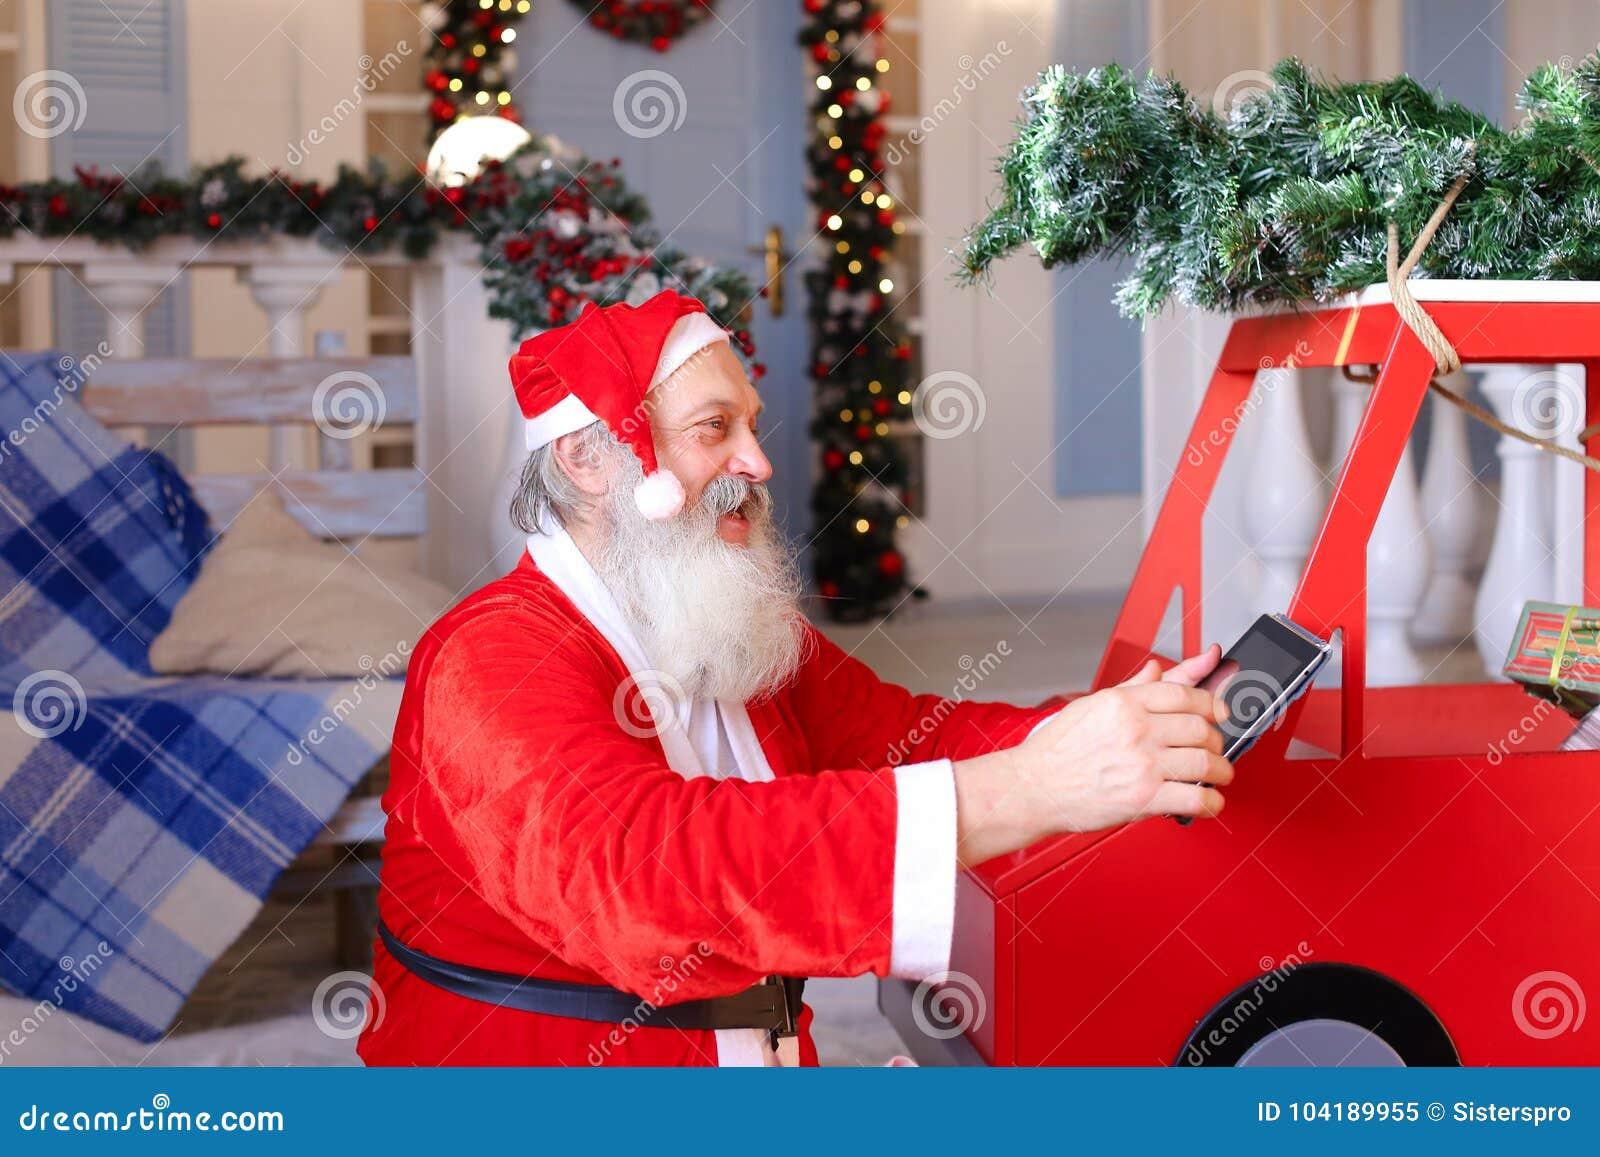 Santa Claus joyeuse appréciant avec l instrument moderne